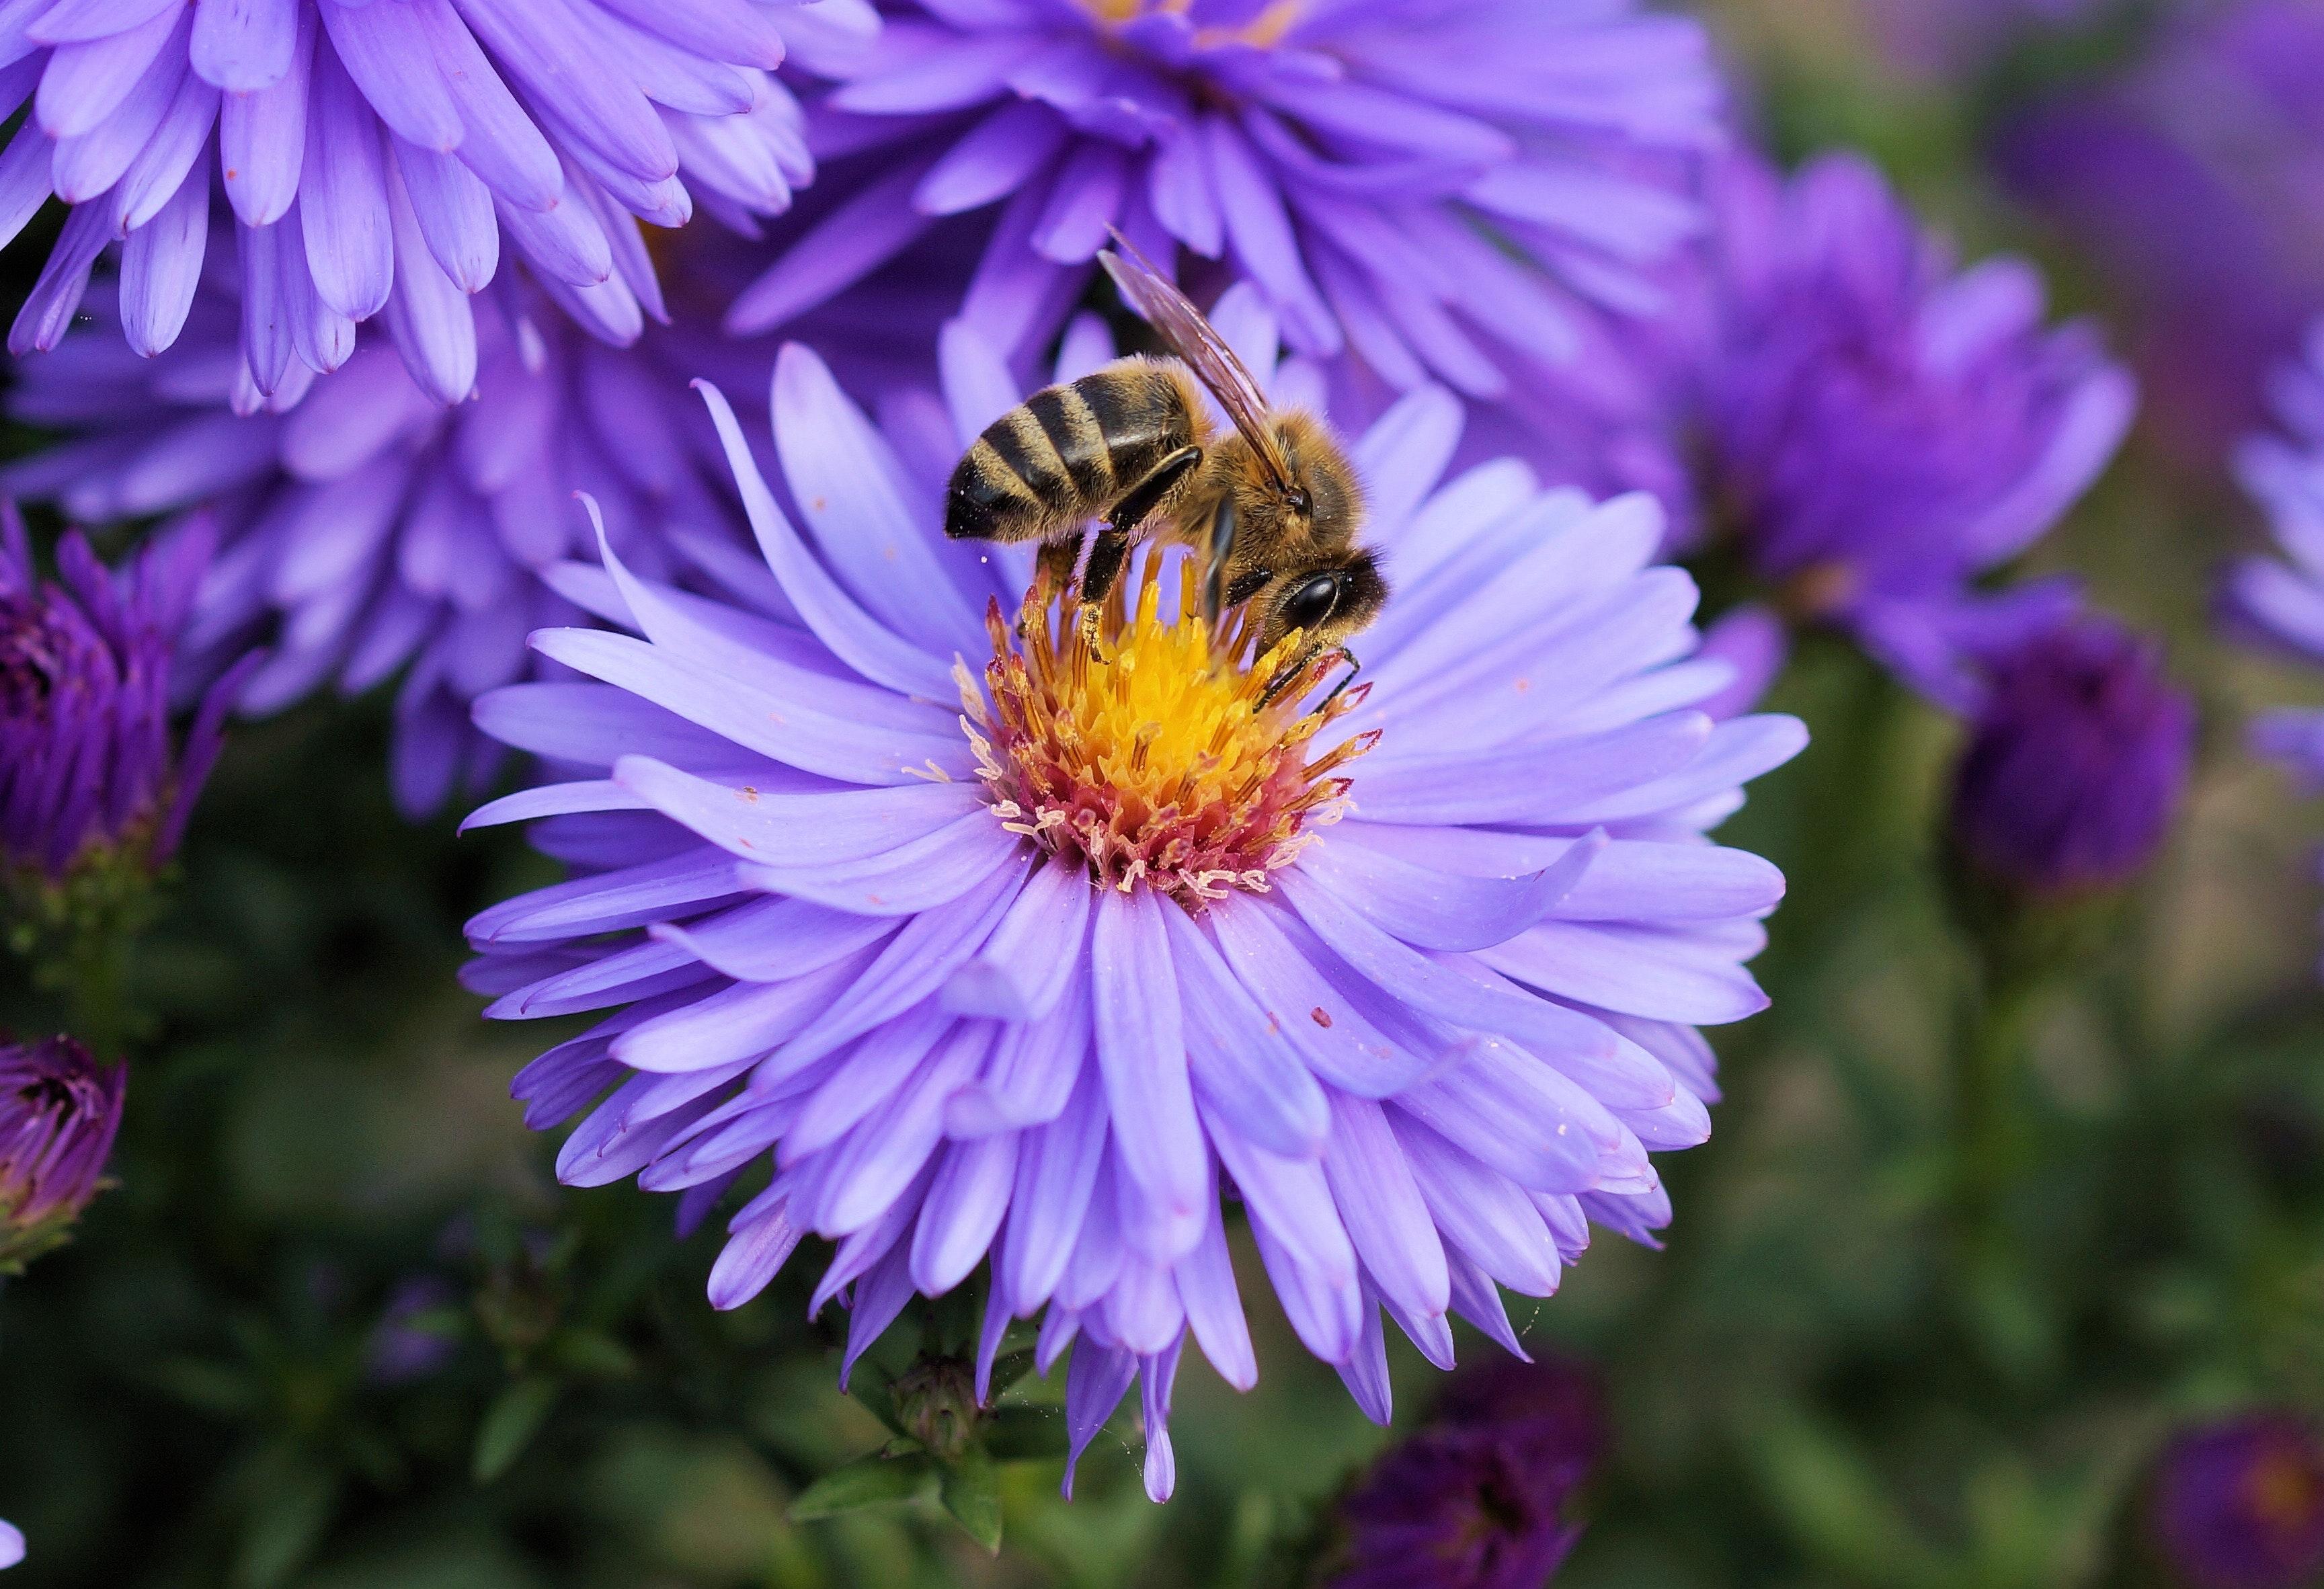 Jad pszczeli w kosmetykach